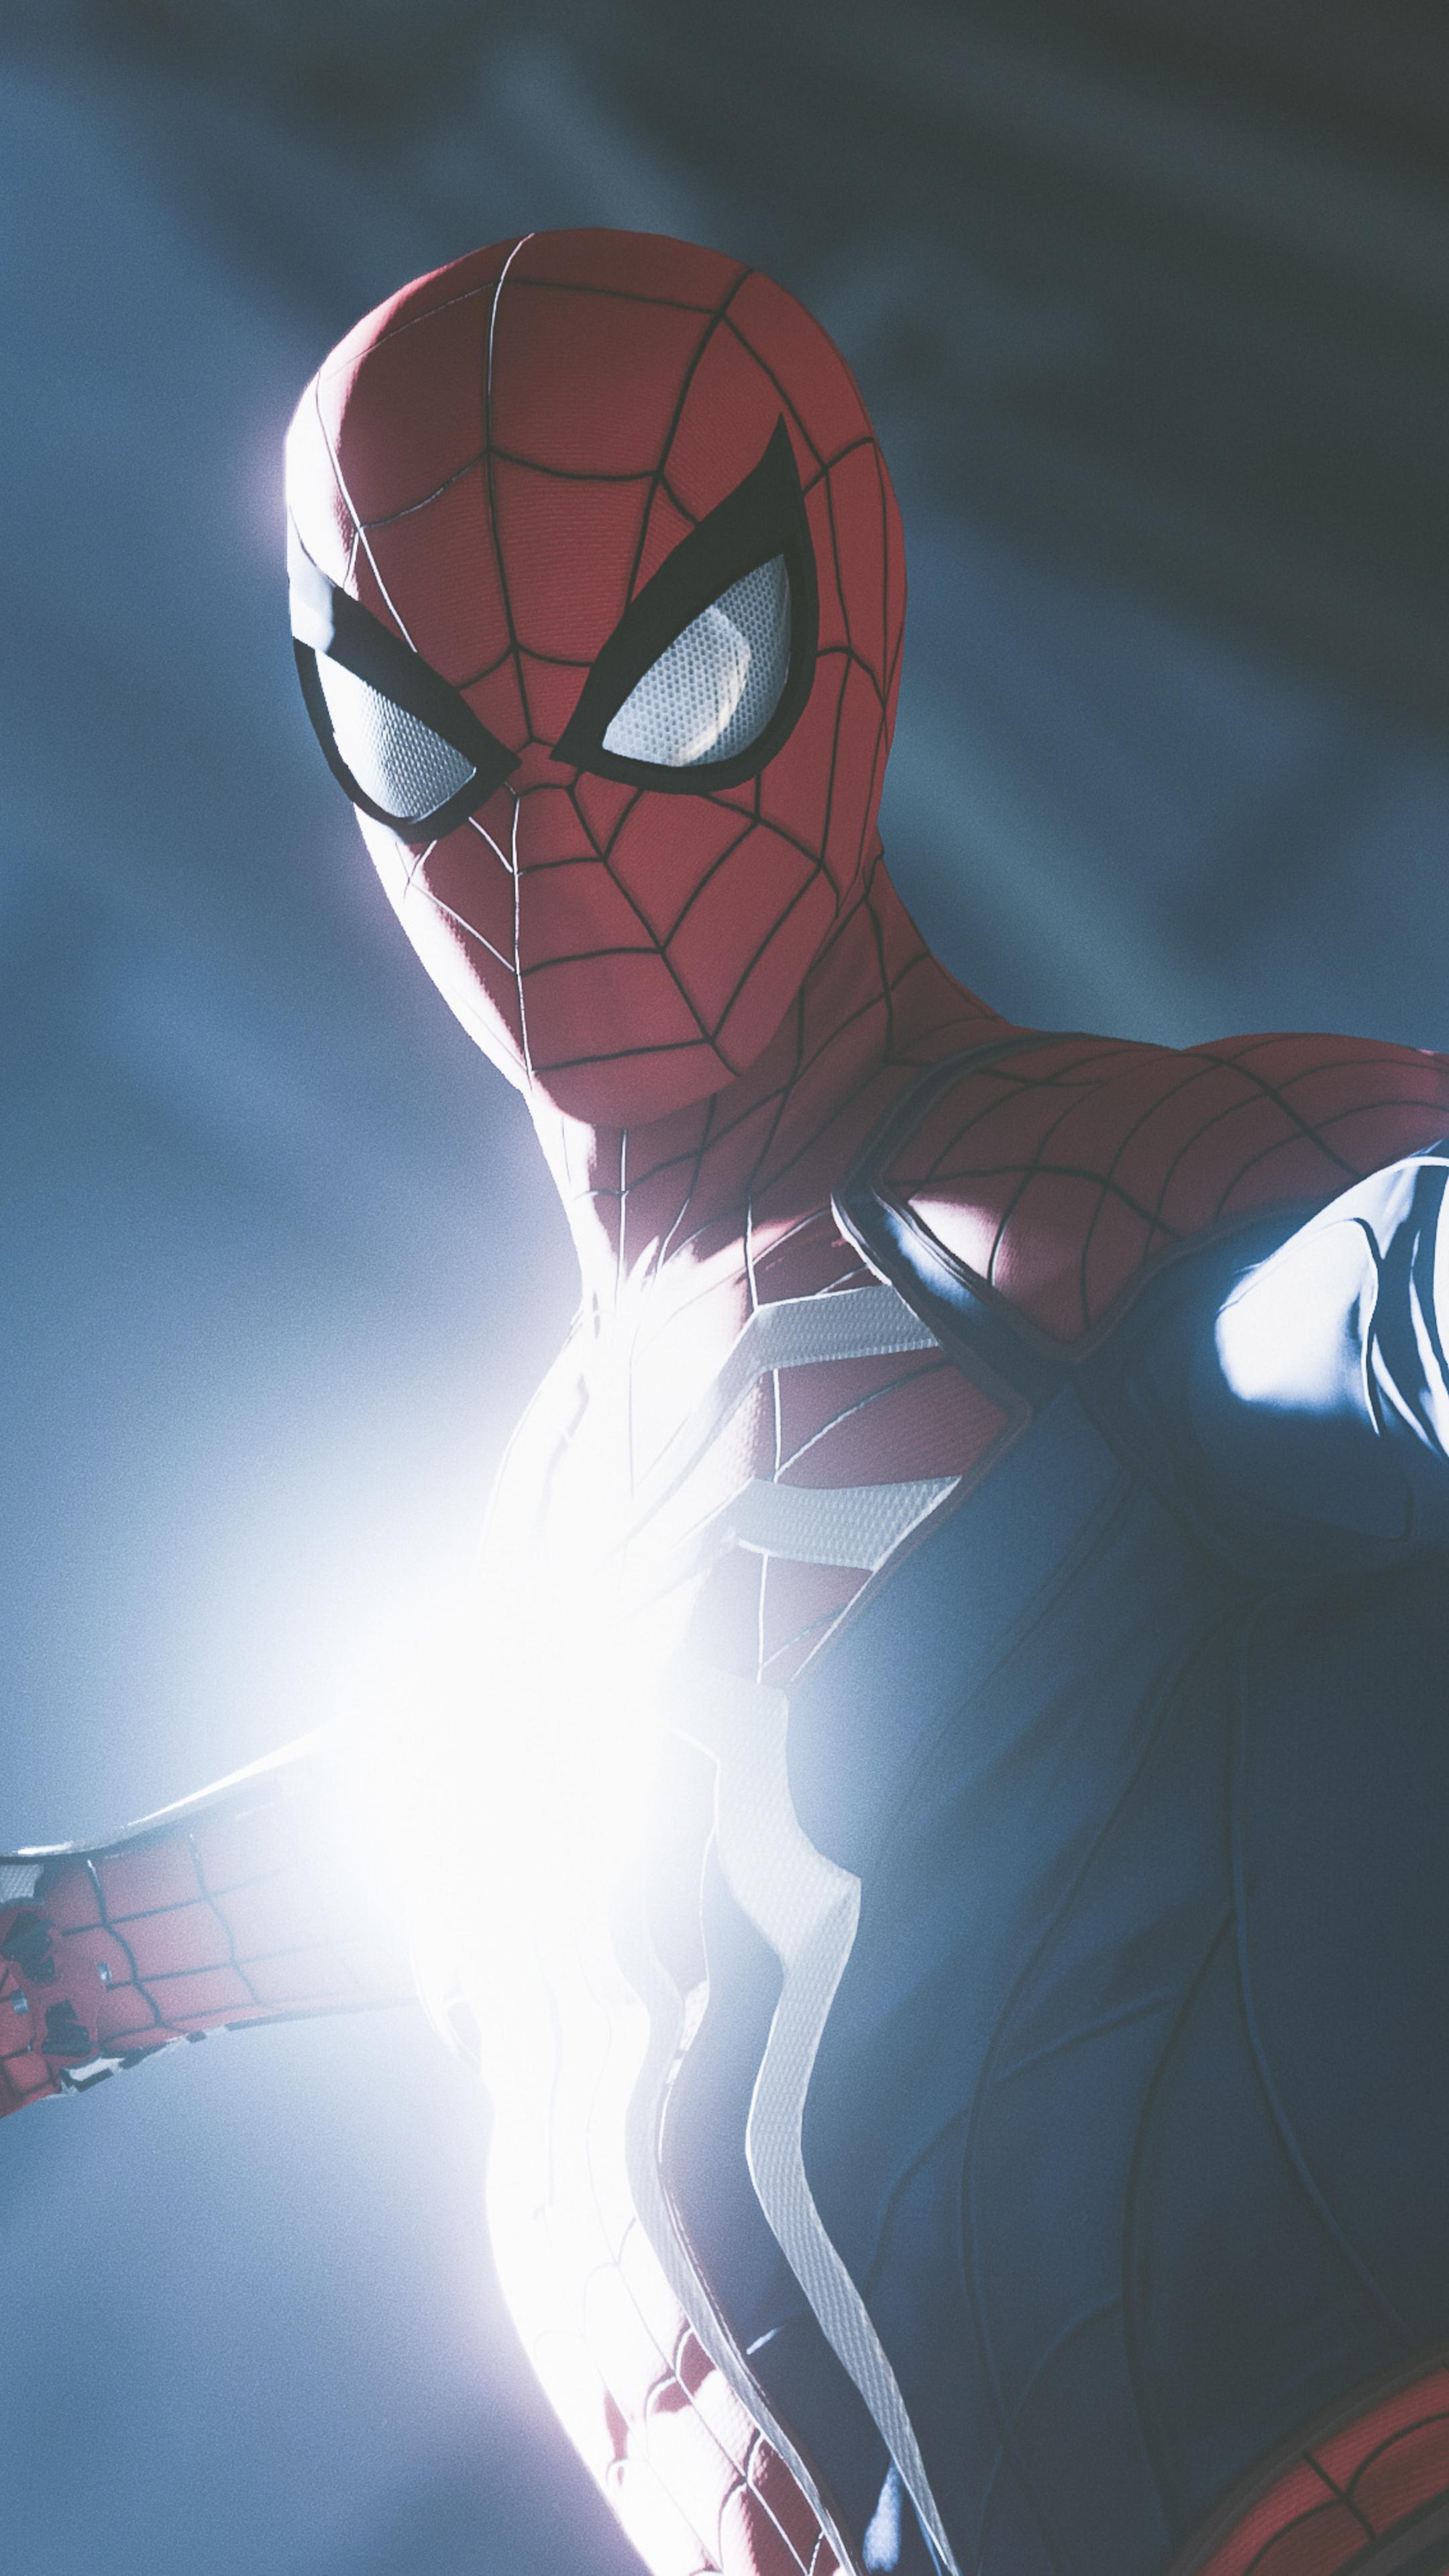 spiderman-ps4-4k-spiderweb-hr.jpg